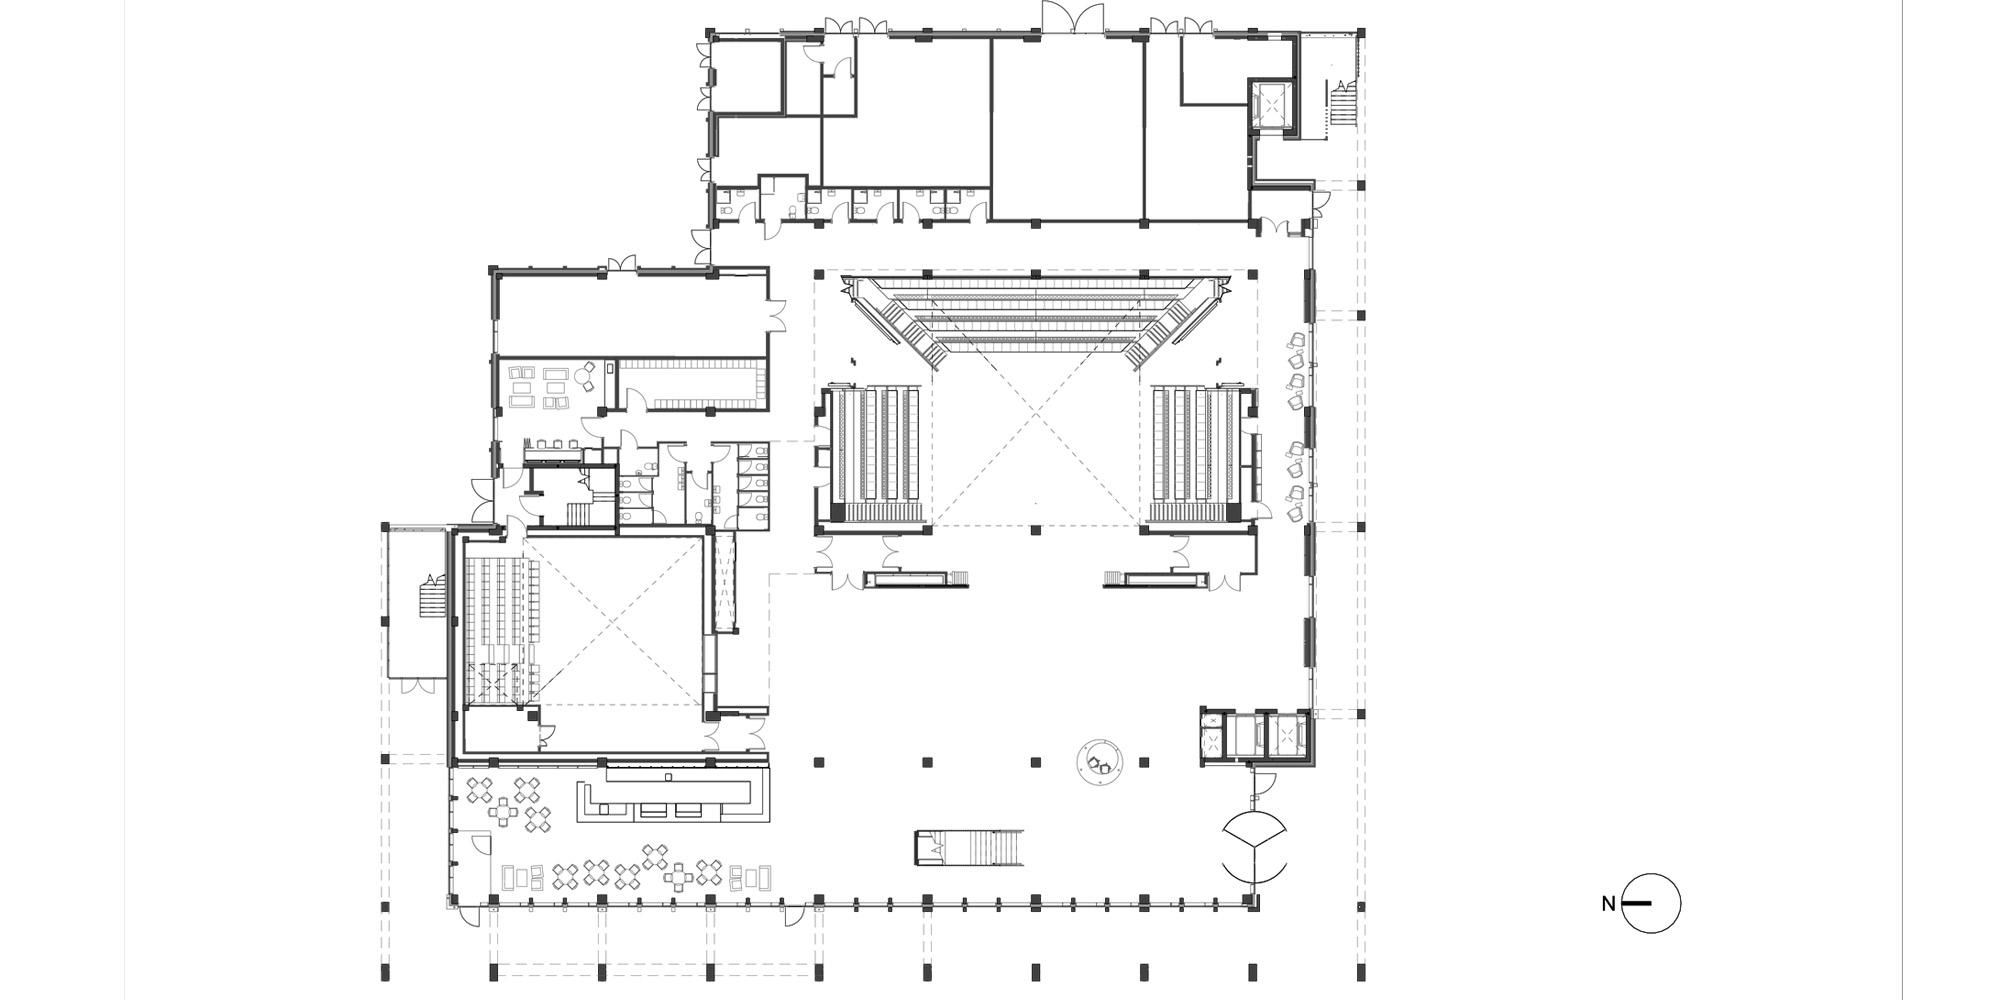 Pianta piano terra © Grafton Architects